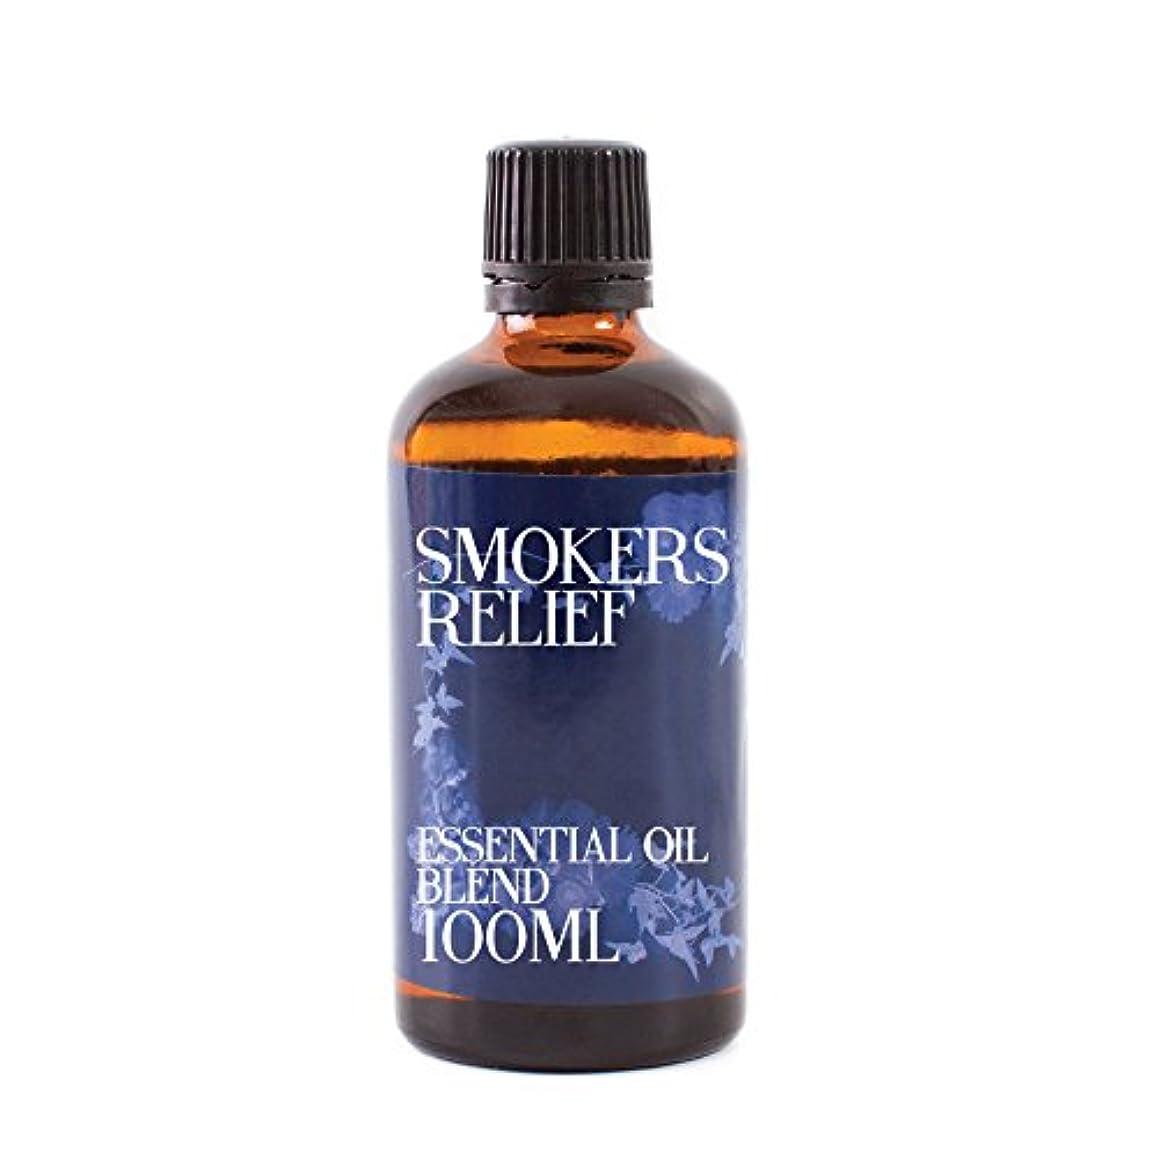 小麦粉単調なビーチMystix London | Smokers Relief Essential Oil Blend - 100ml - 100% Pure